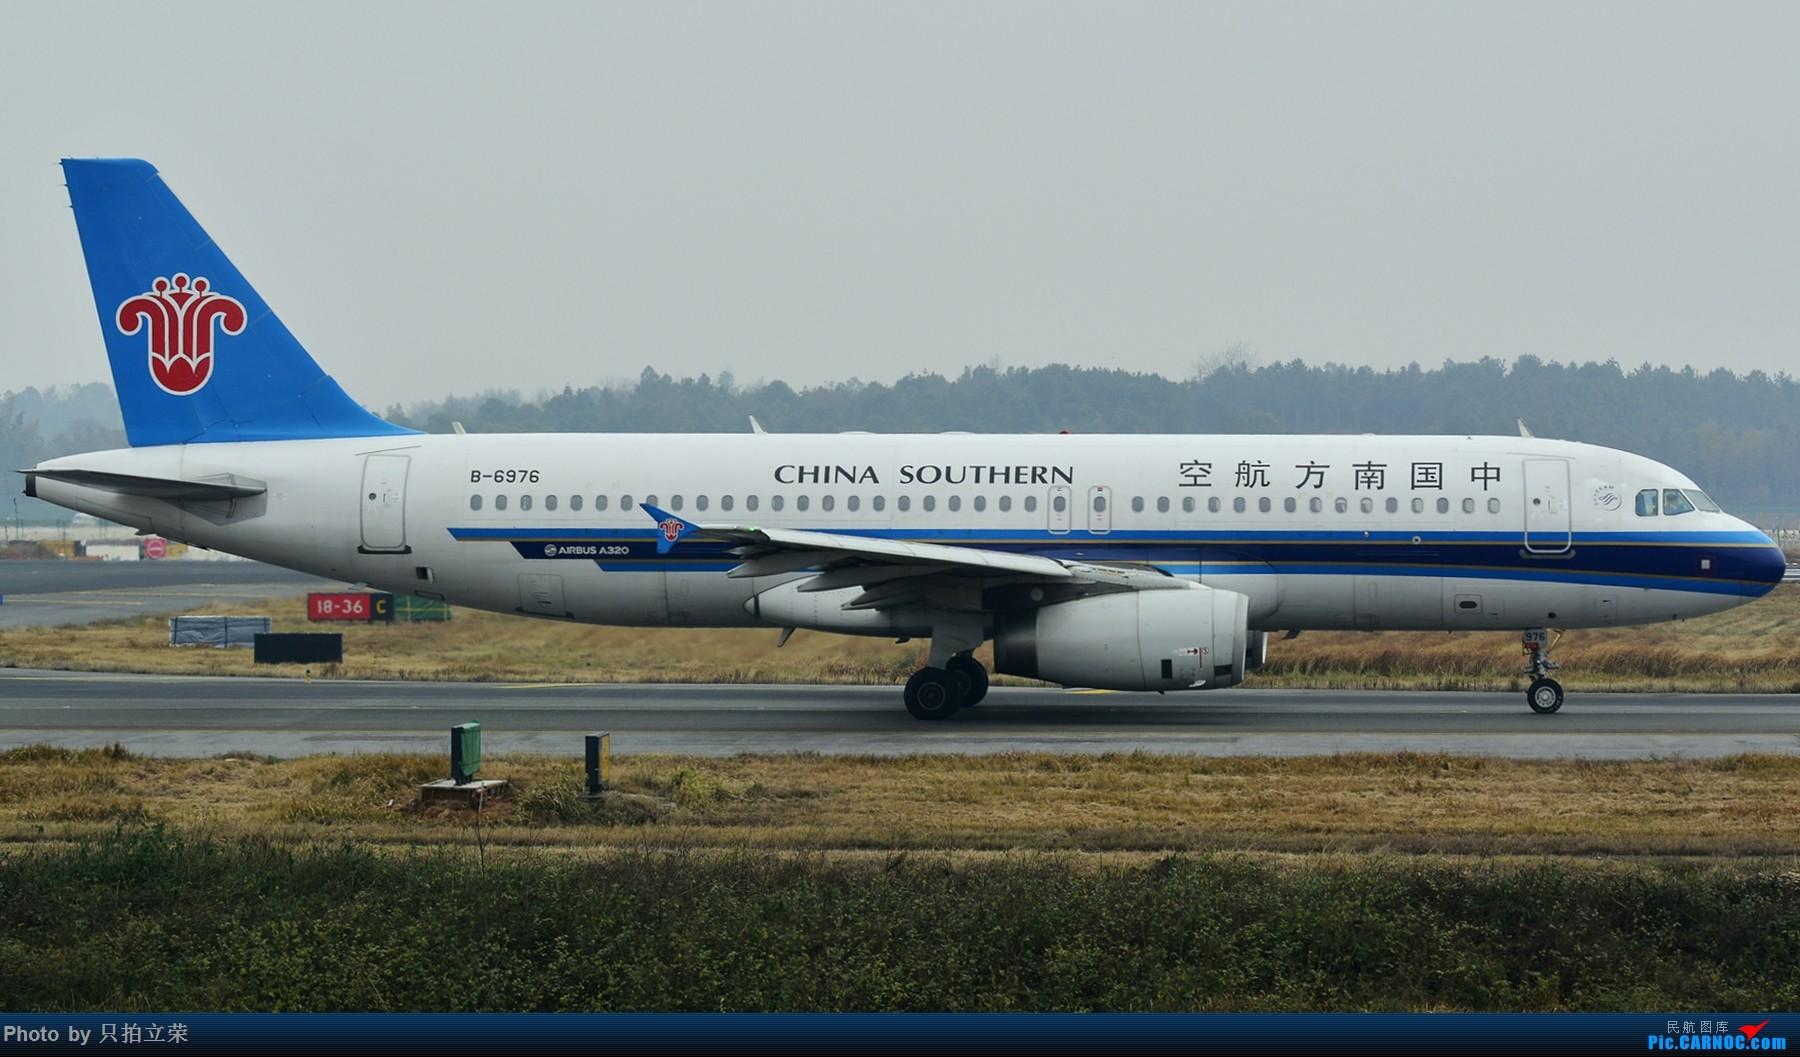 Re:[原创]长沙飞友会之--很久没拍机了,只拍立荣重回黄花! AIRBUS A320-200 B-6976 中国长沙黄花国际机场